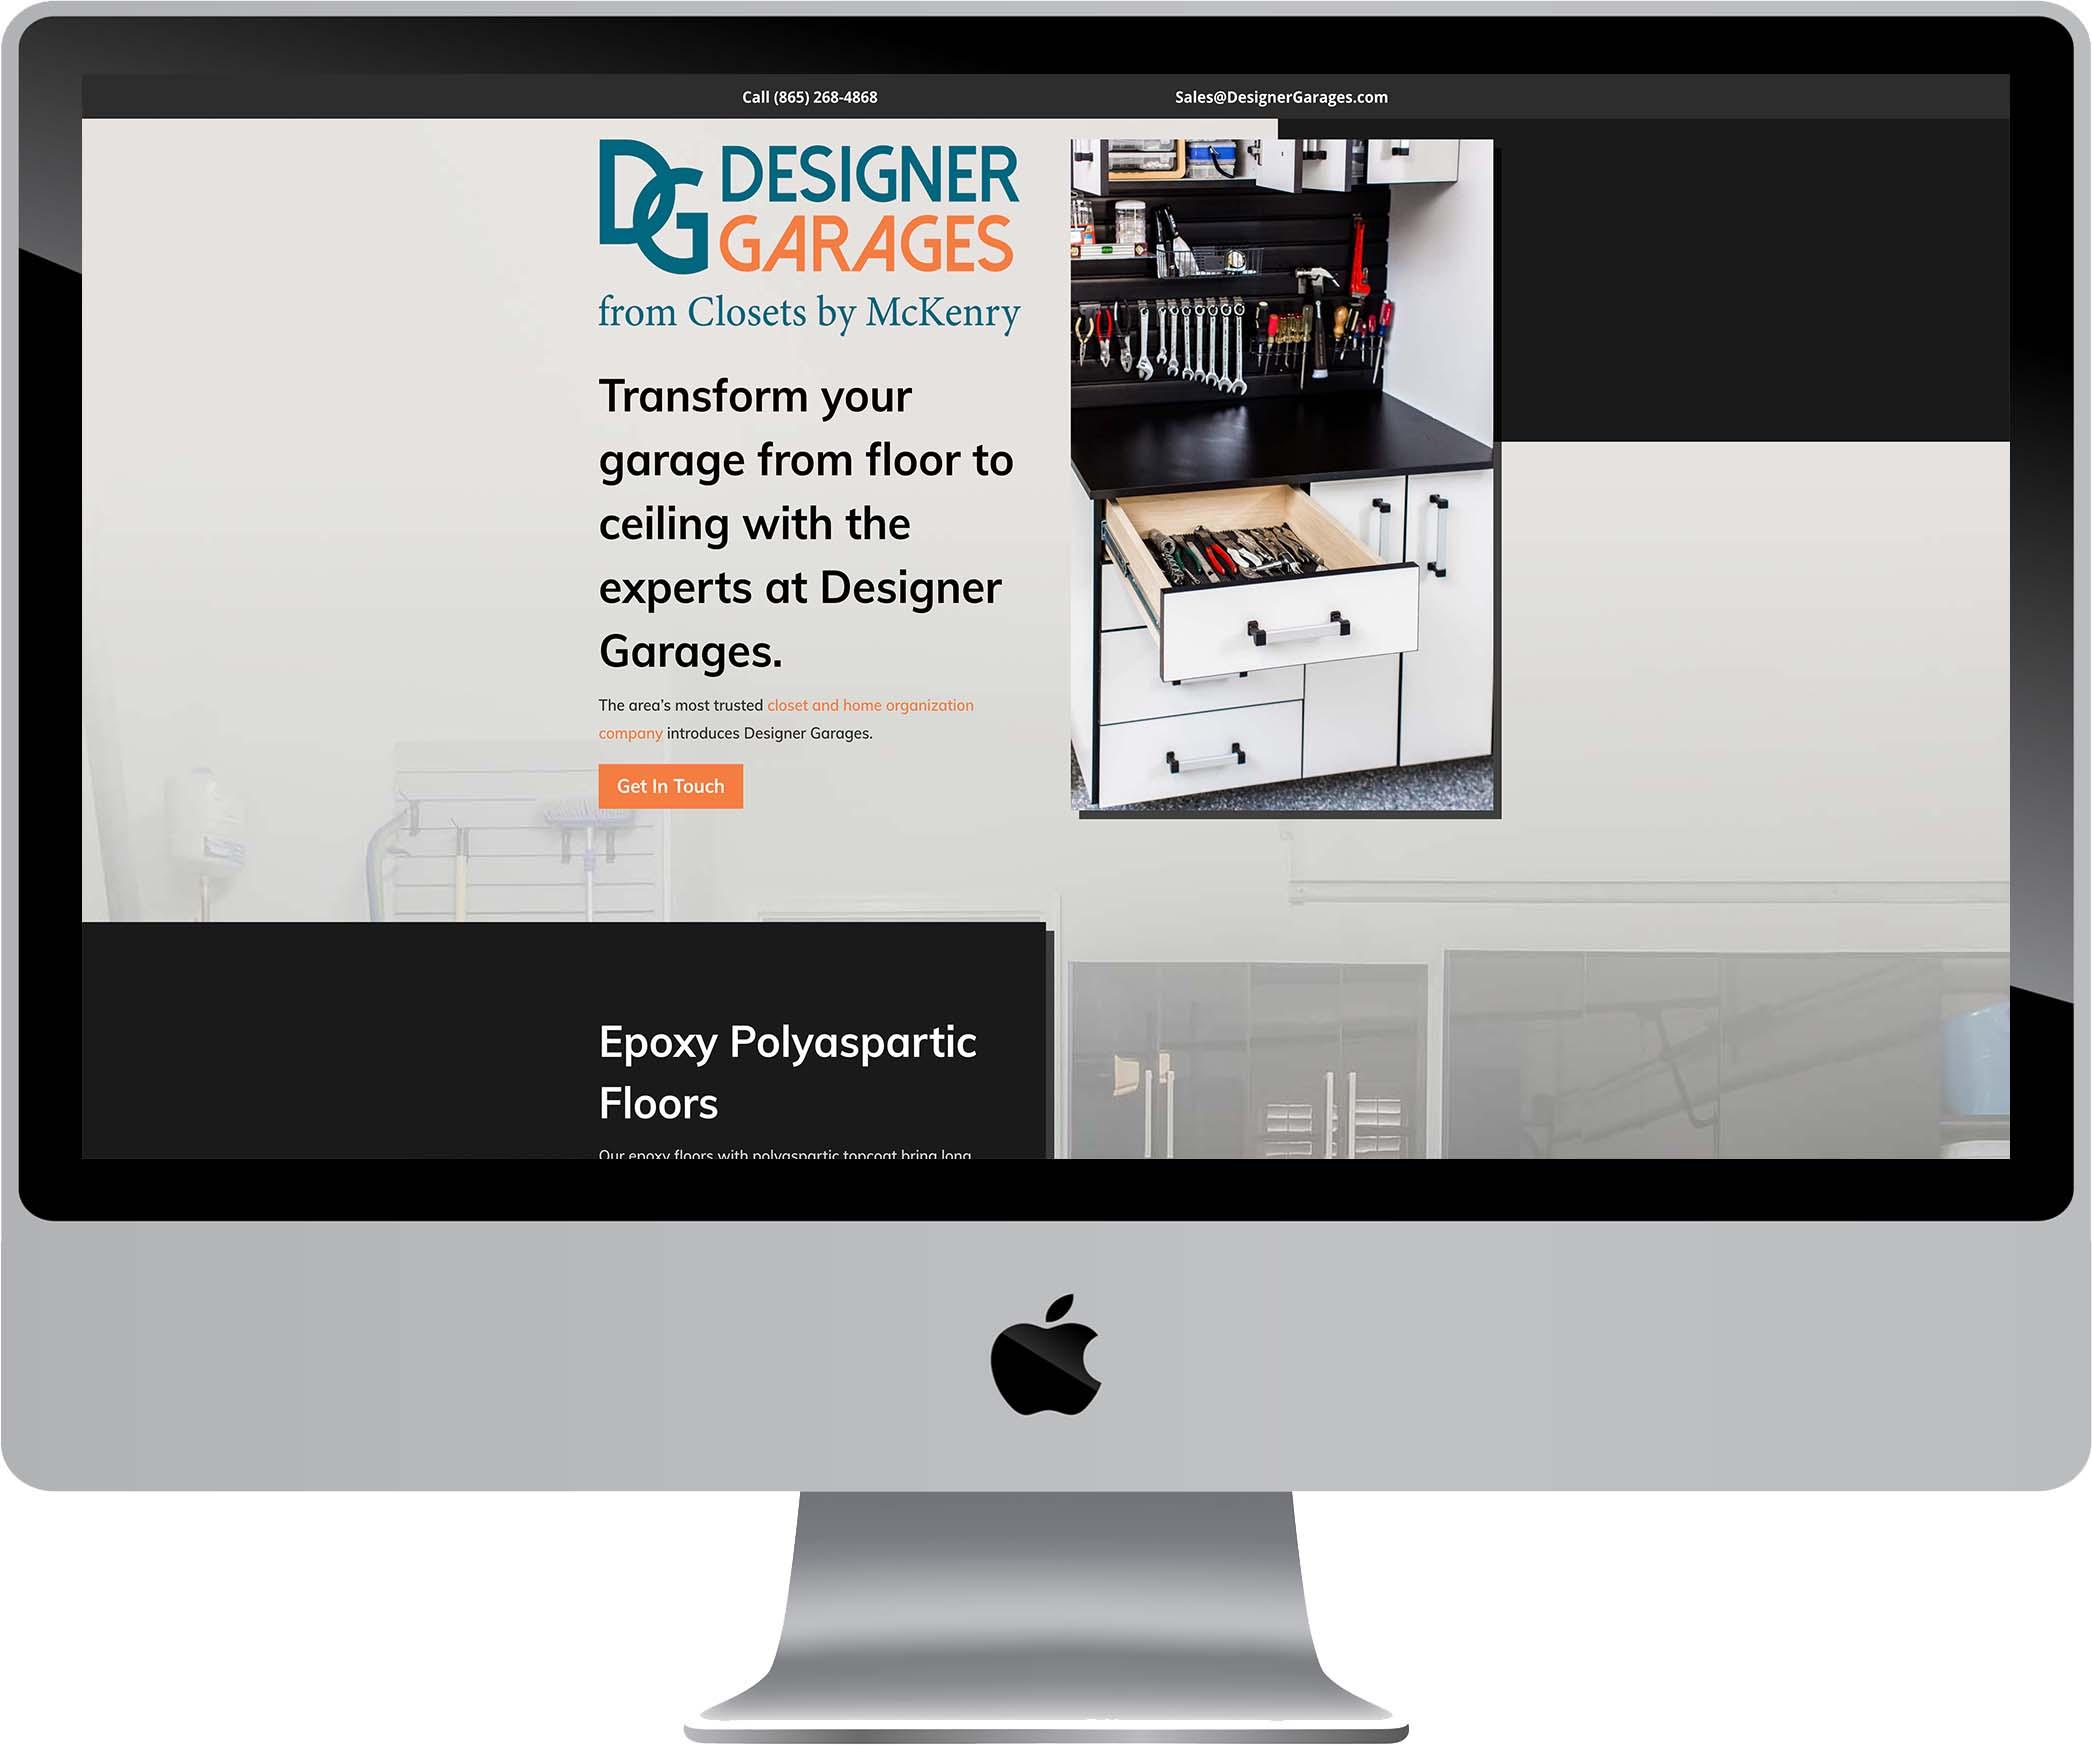 Designer Garages Website Design